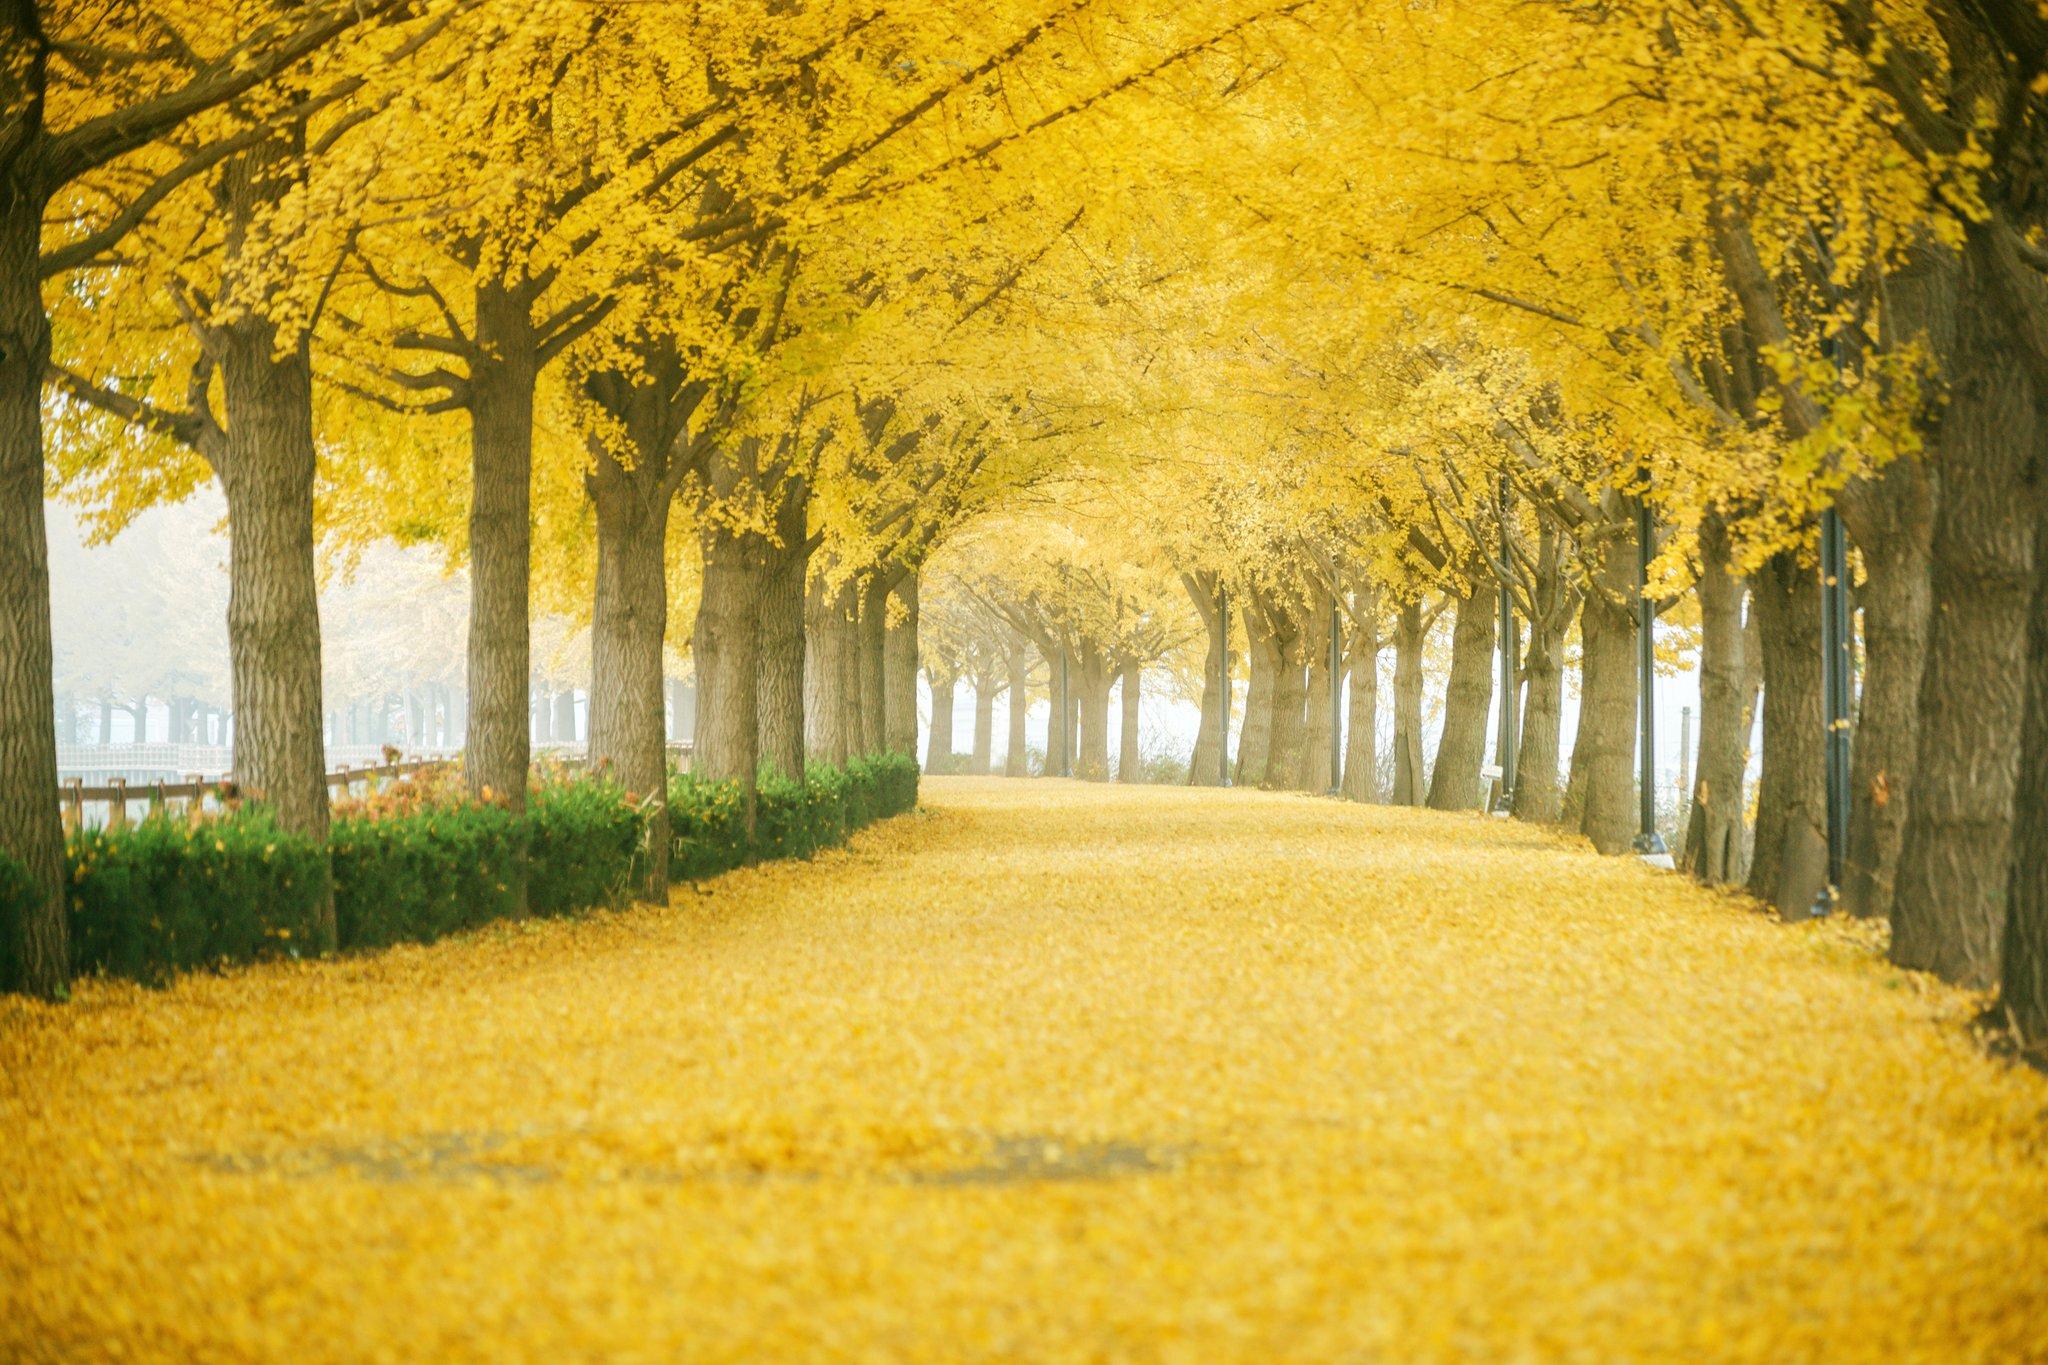 10월은 짙은 가을색으로 물든 자연을 만끽하며 걷기 가장 좋은 때다. 은행나무 350여 그루가 장관을 이룬 충남 아산 은행나무길. [사진 한국관광공사]